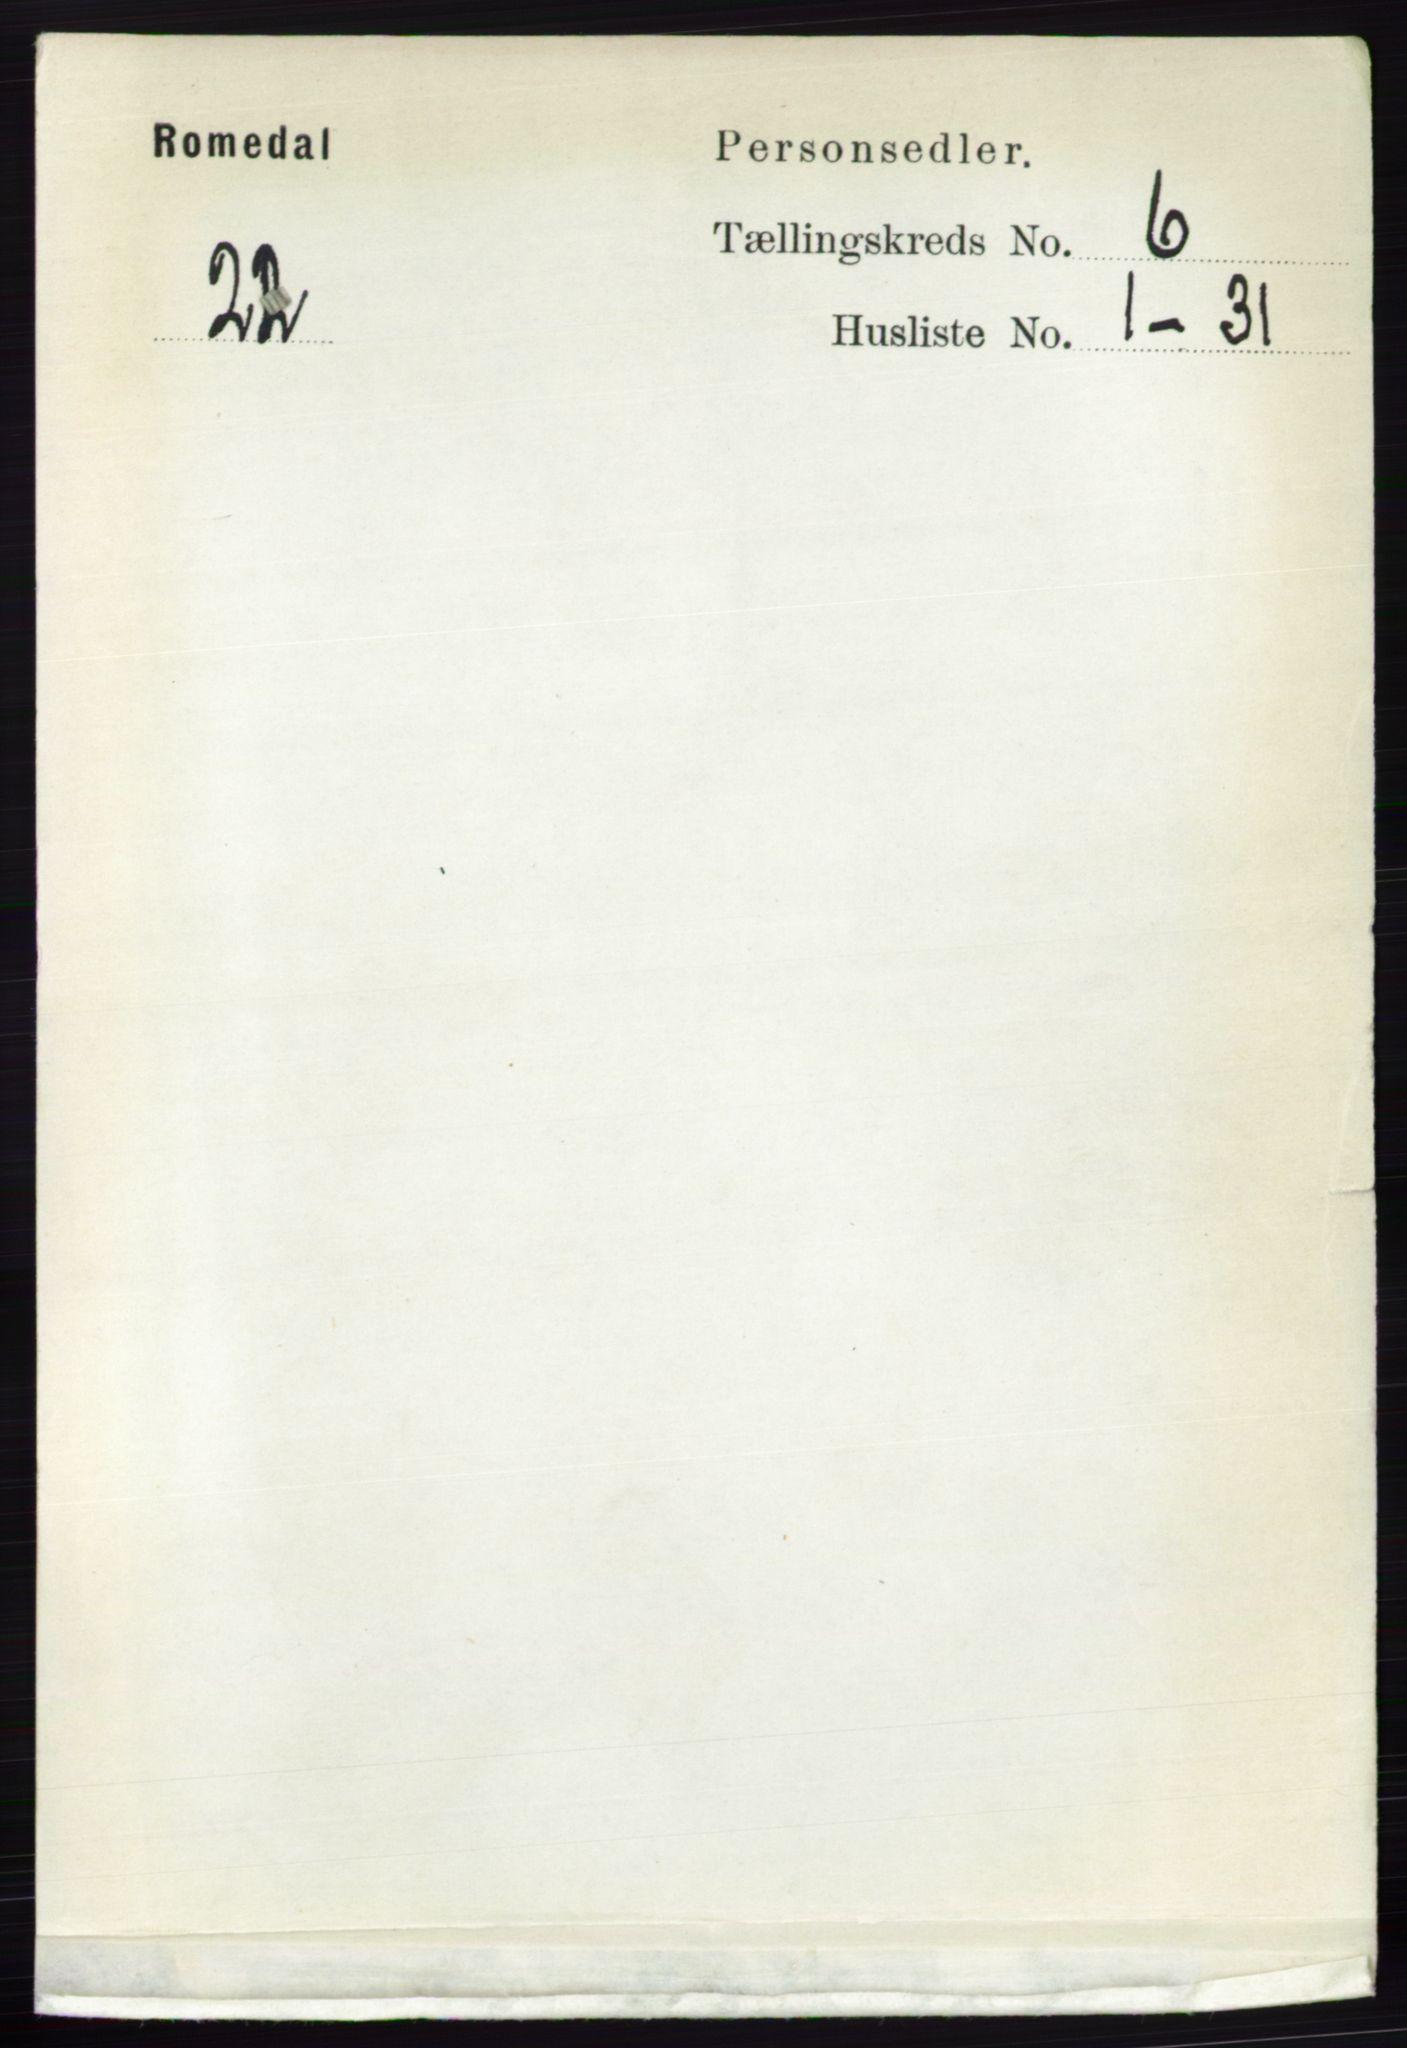 RA, Folketelling 1891 for 0416 Romedal herred, 1891, s. 2951